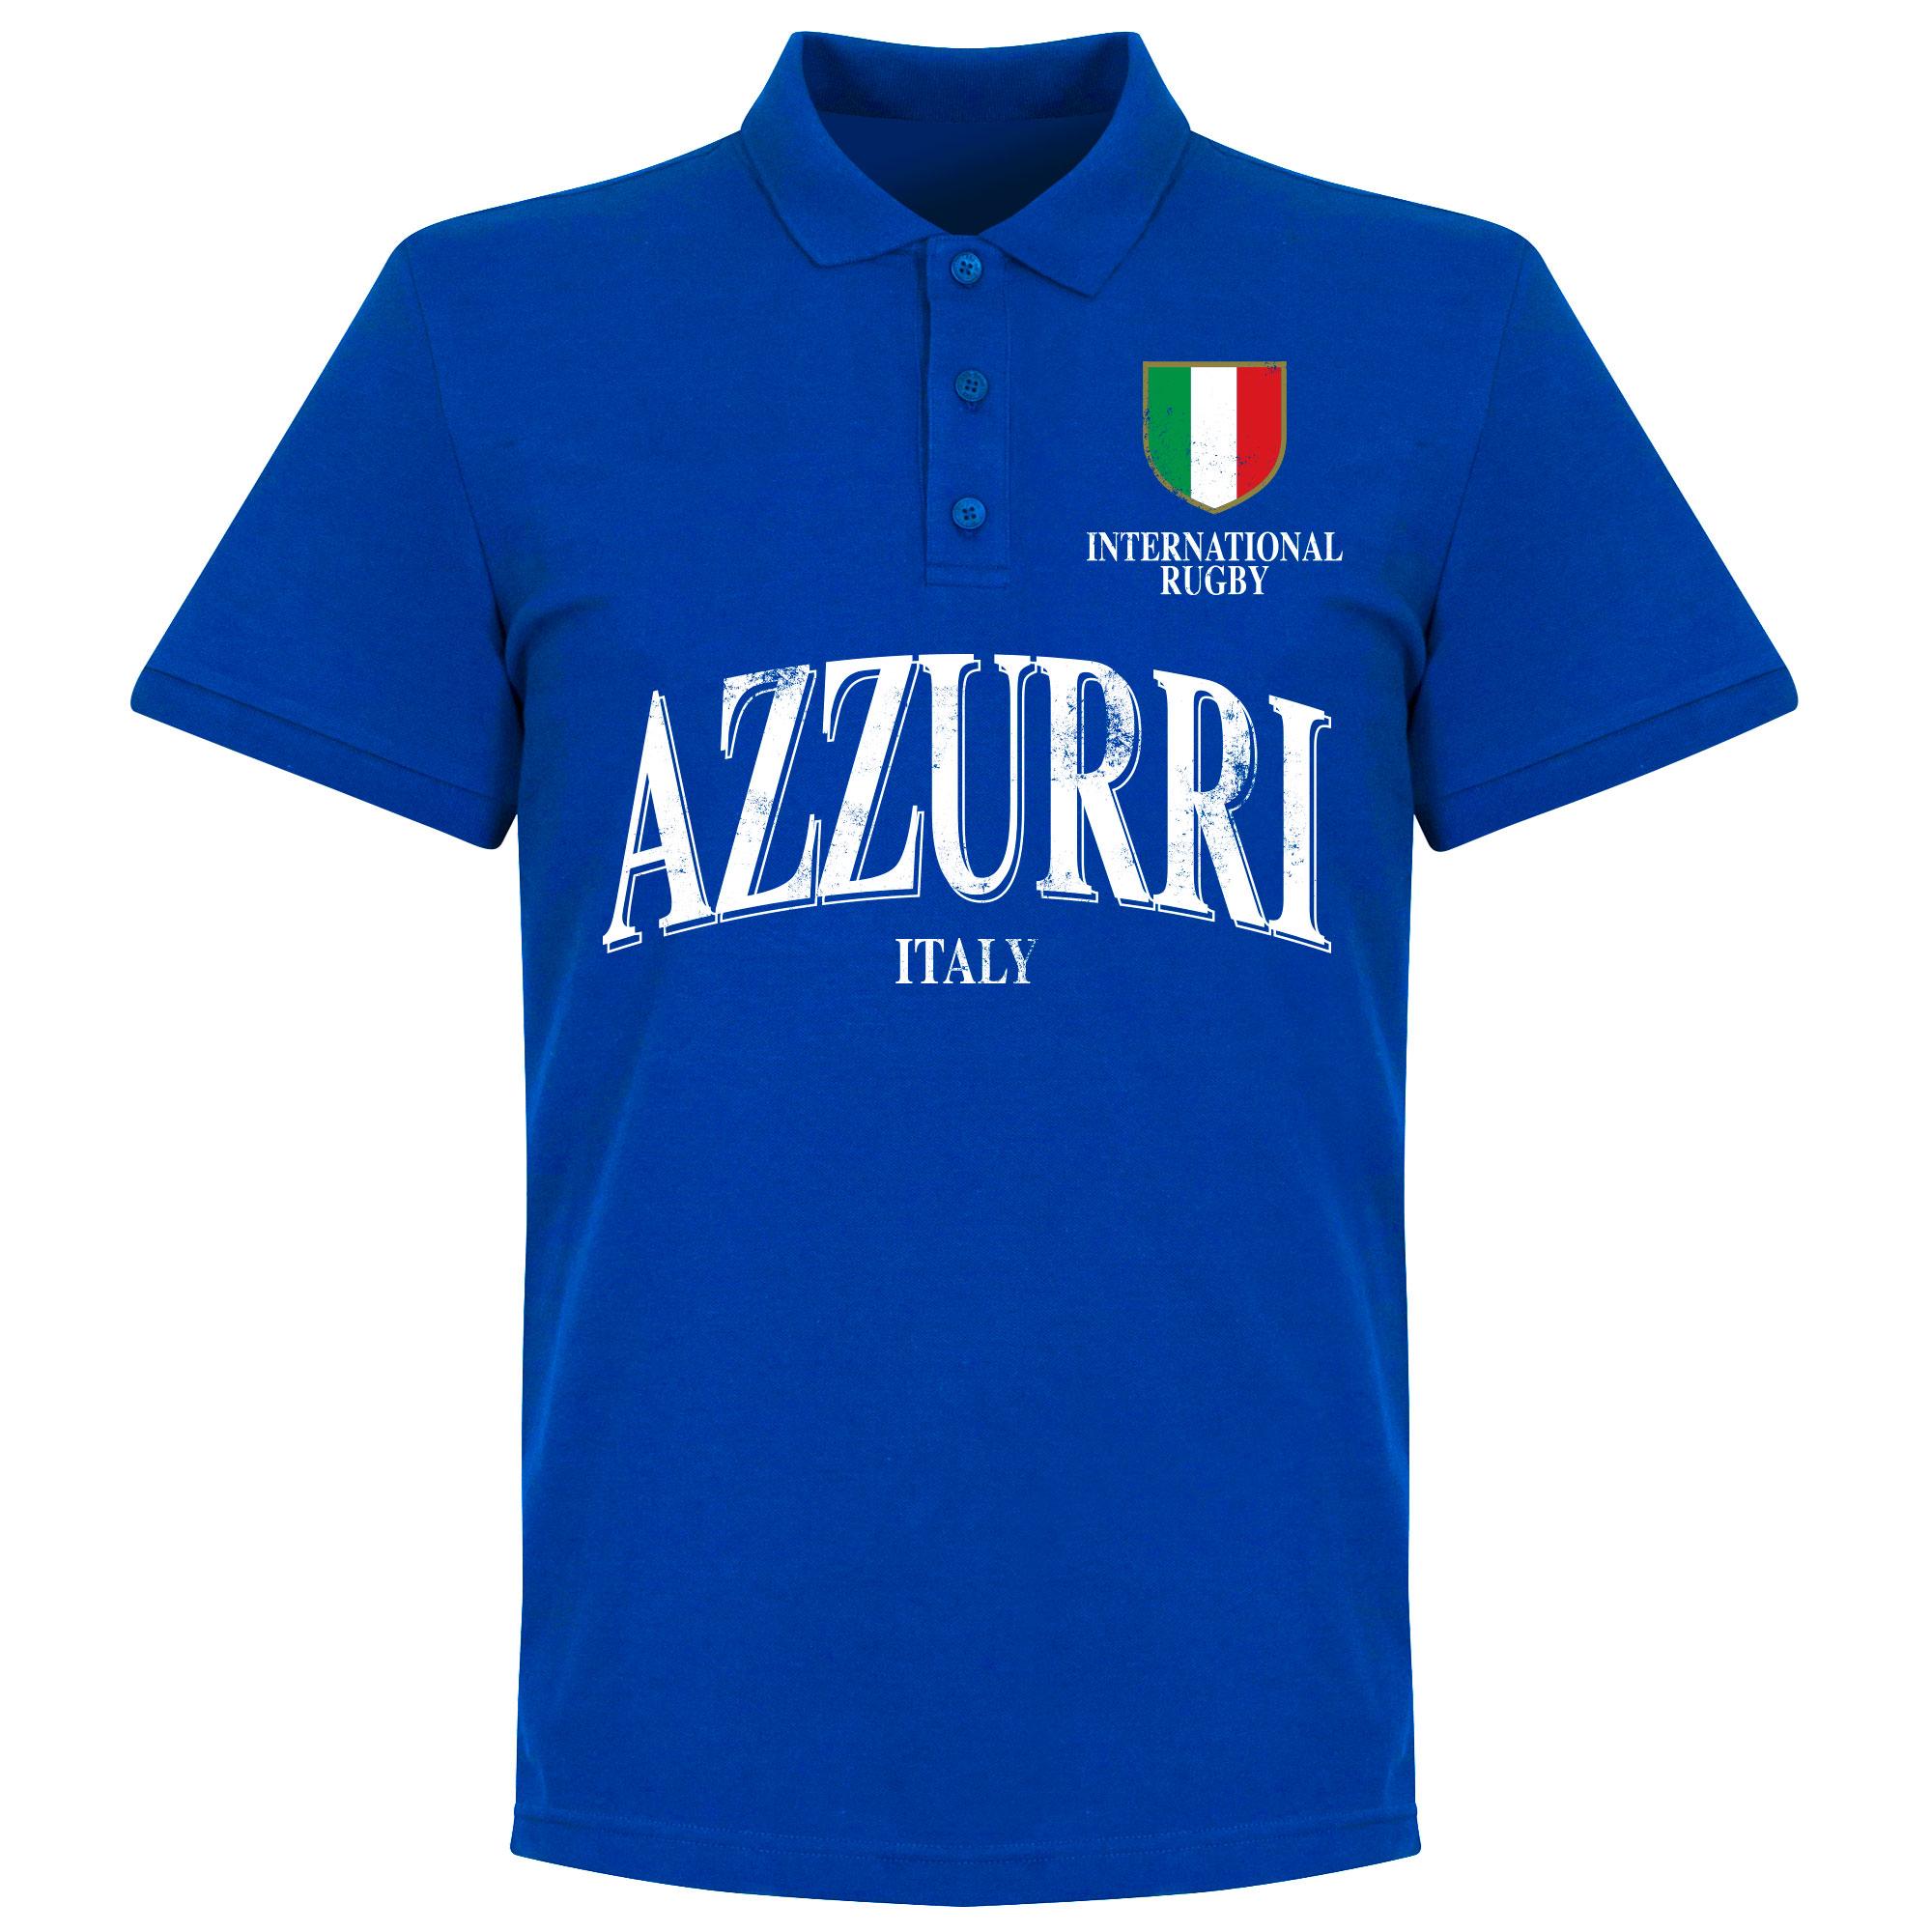 Italie Rugby Polo - Blauw - XXL